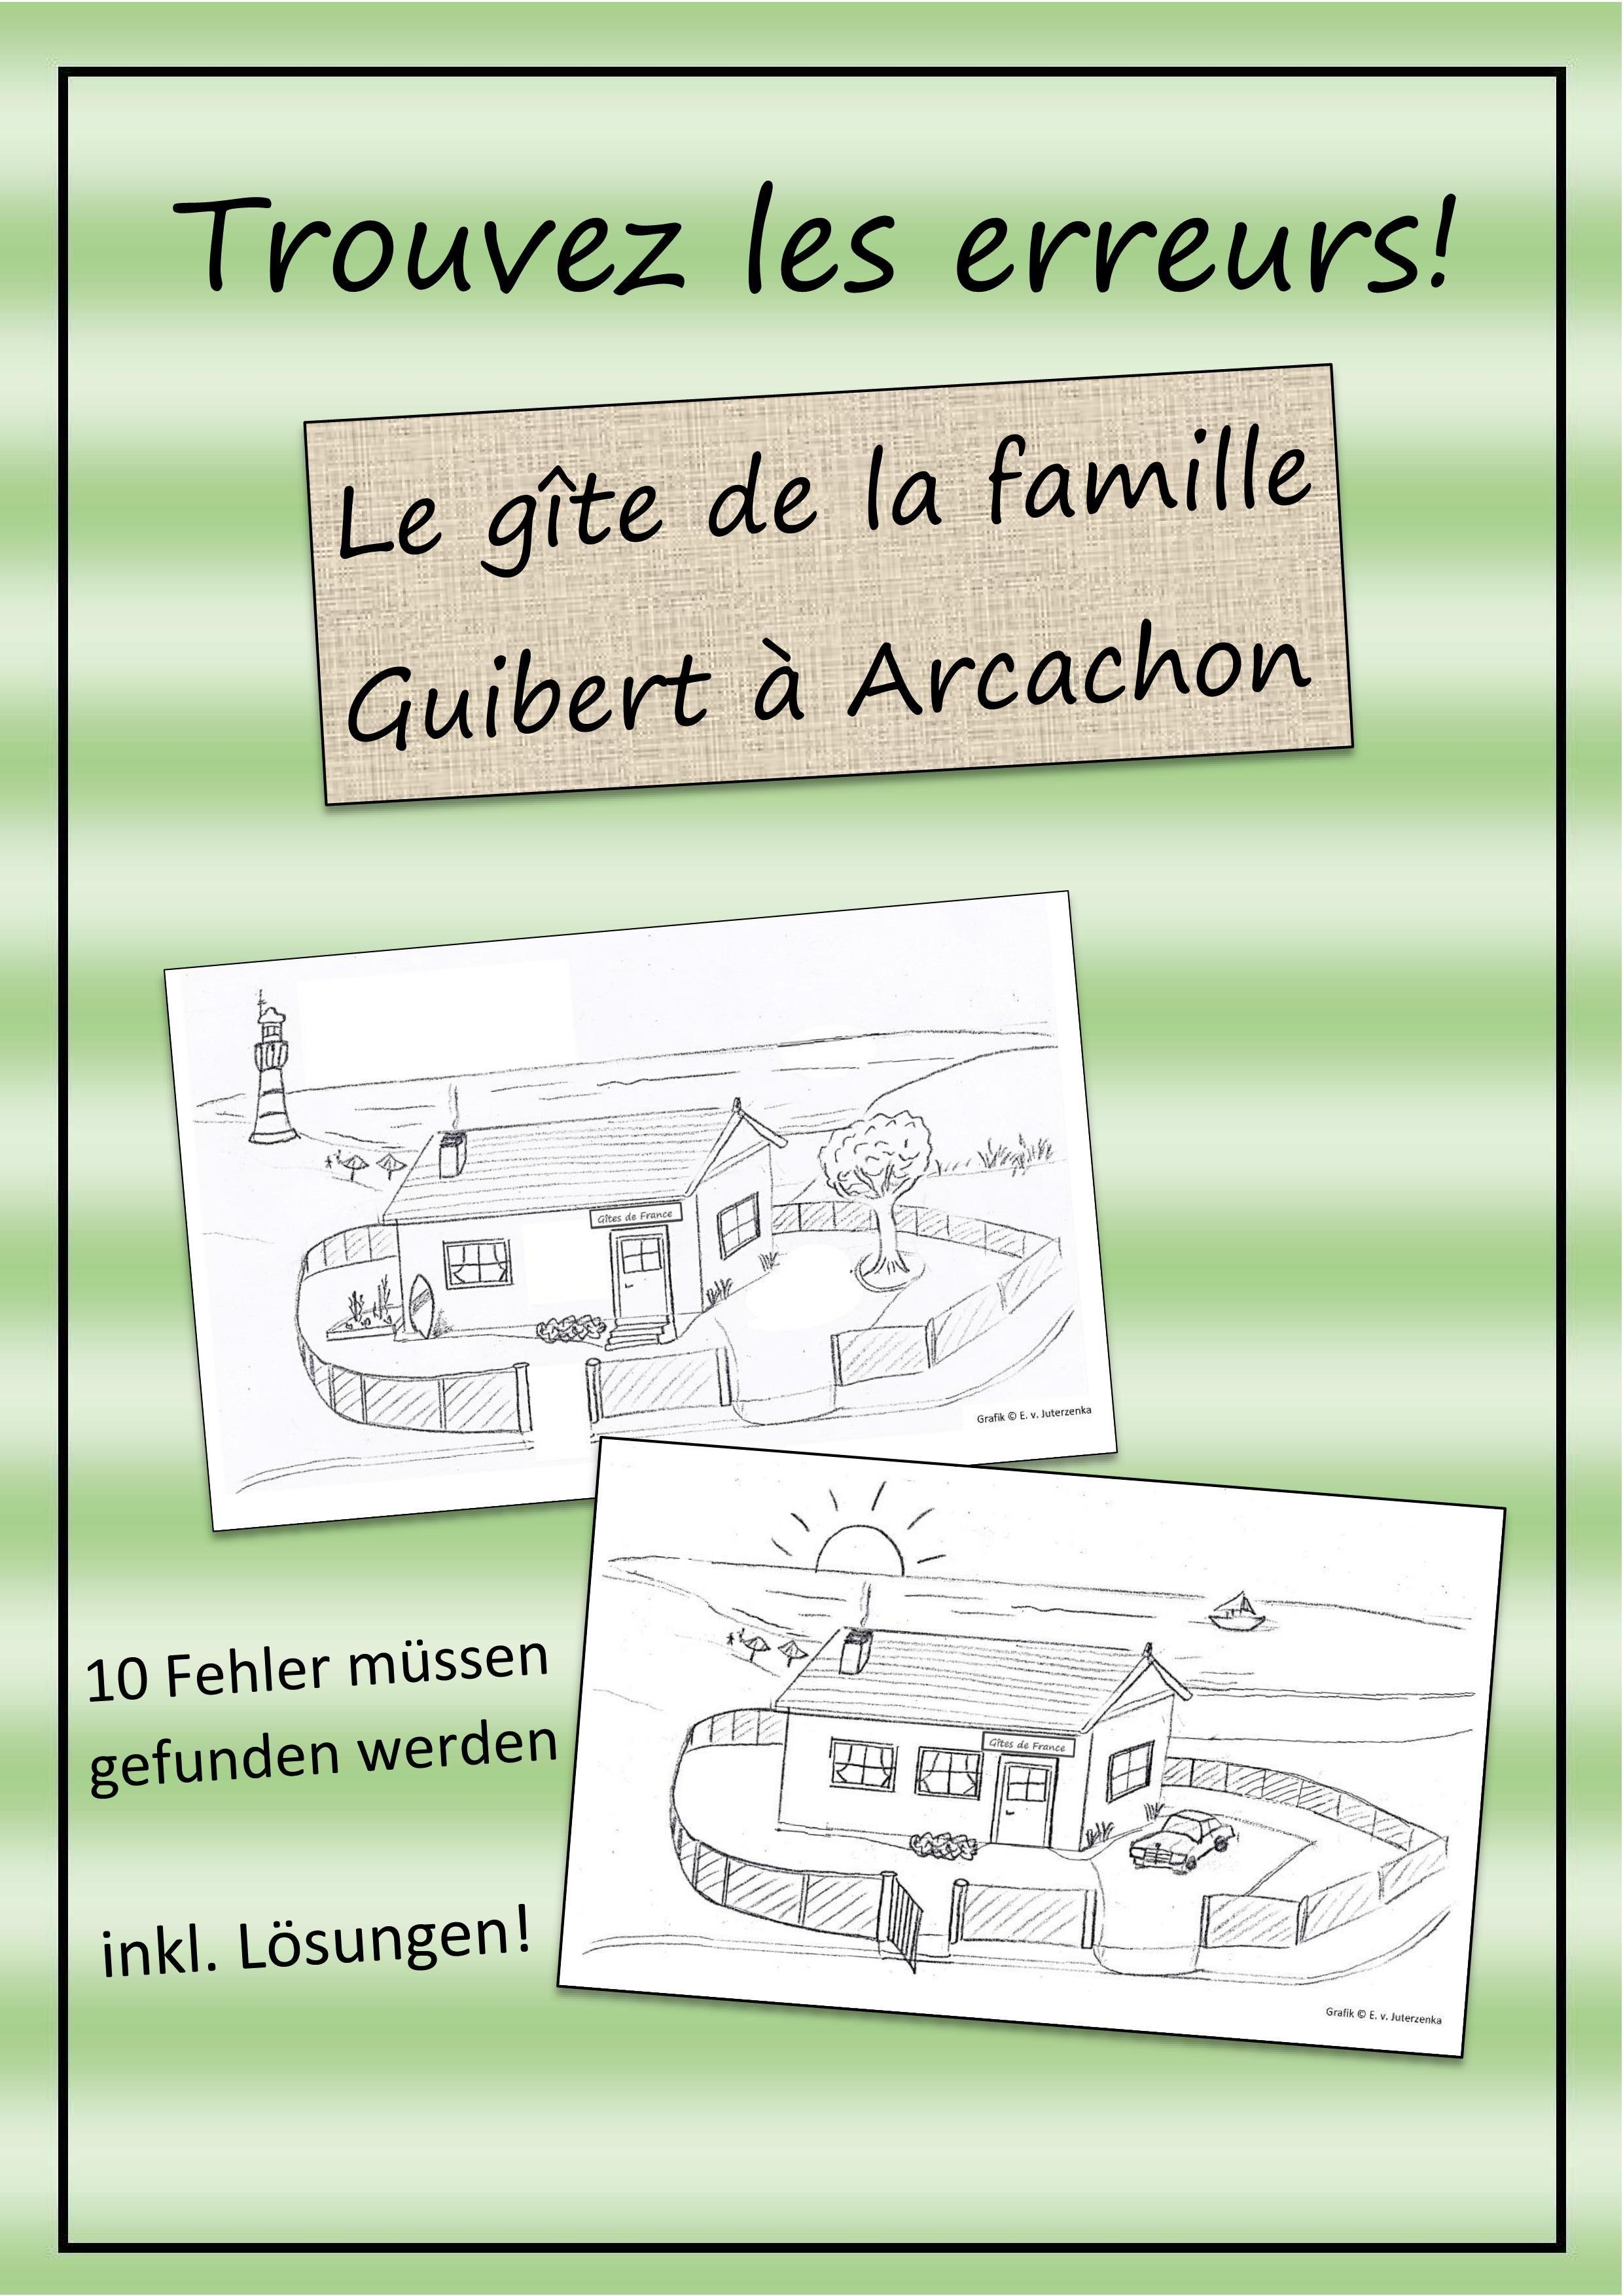 Le Gîte De La Famille Guibert À Arcachon - Trouve Les dedans Les 5 Differences